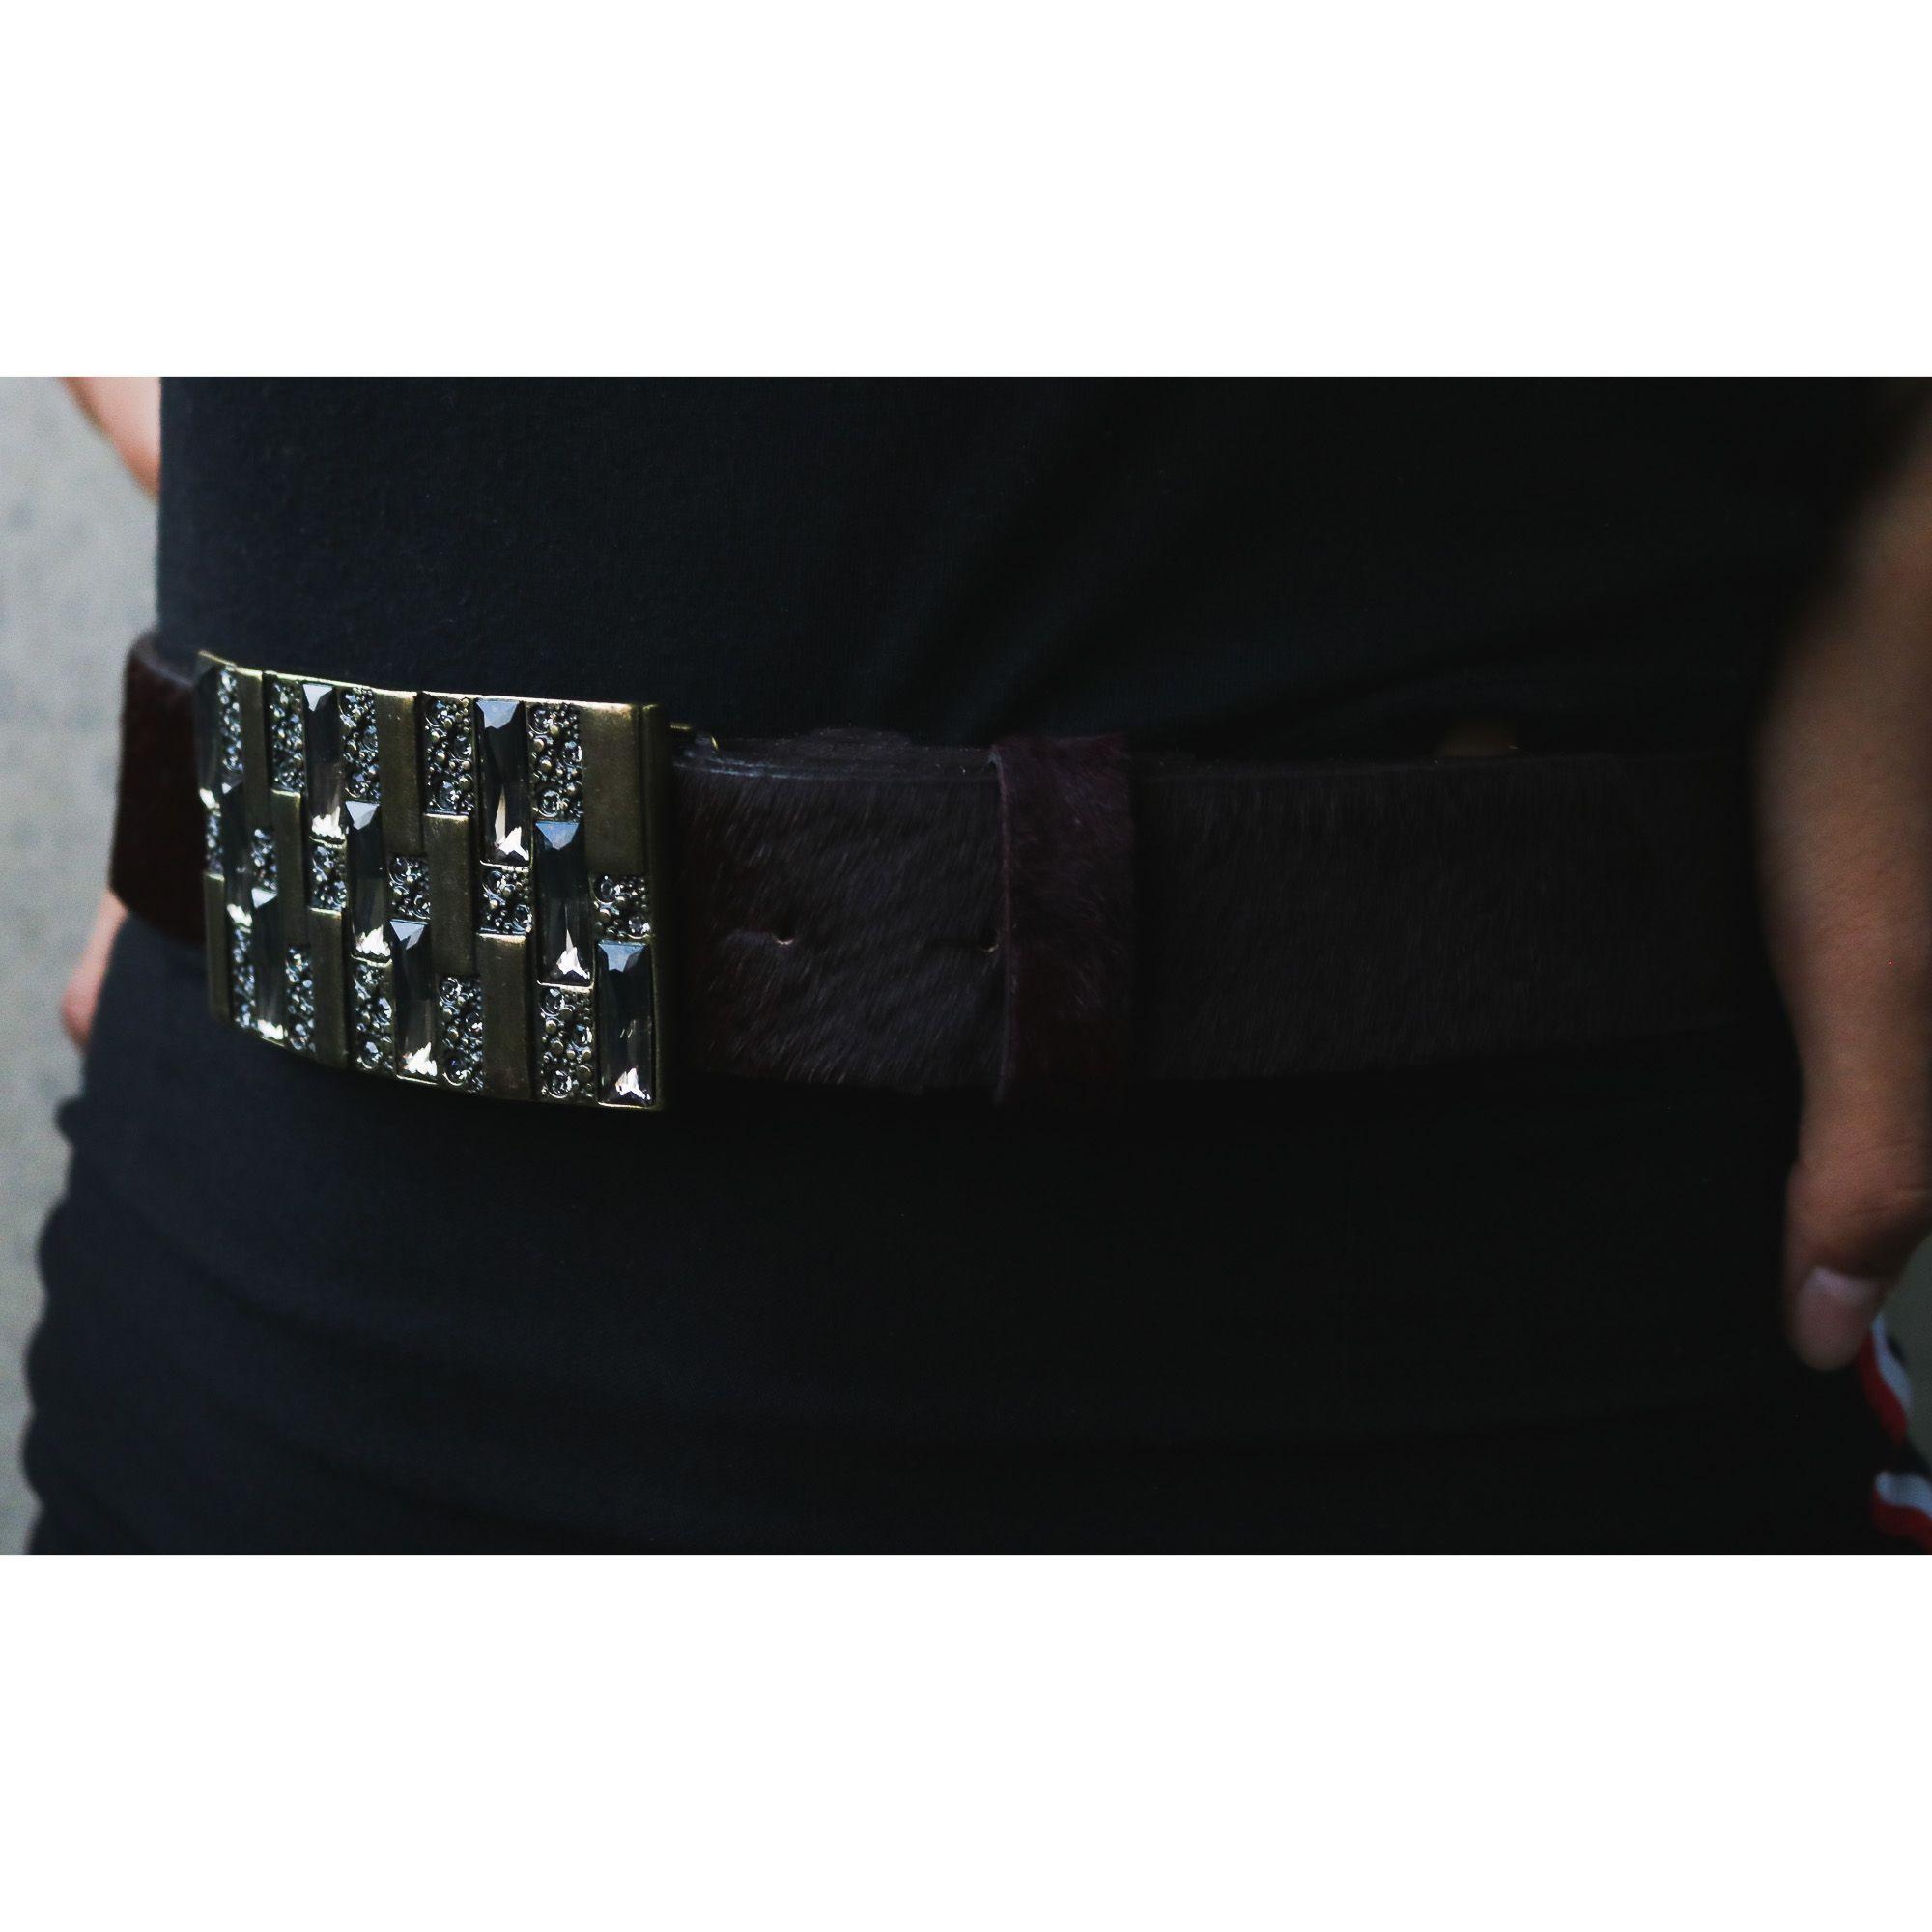 Fivela para cinto troca fivela com cristais black diamond